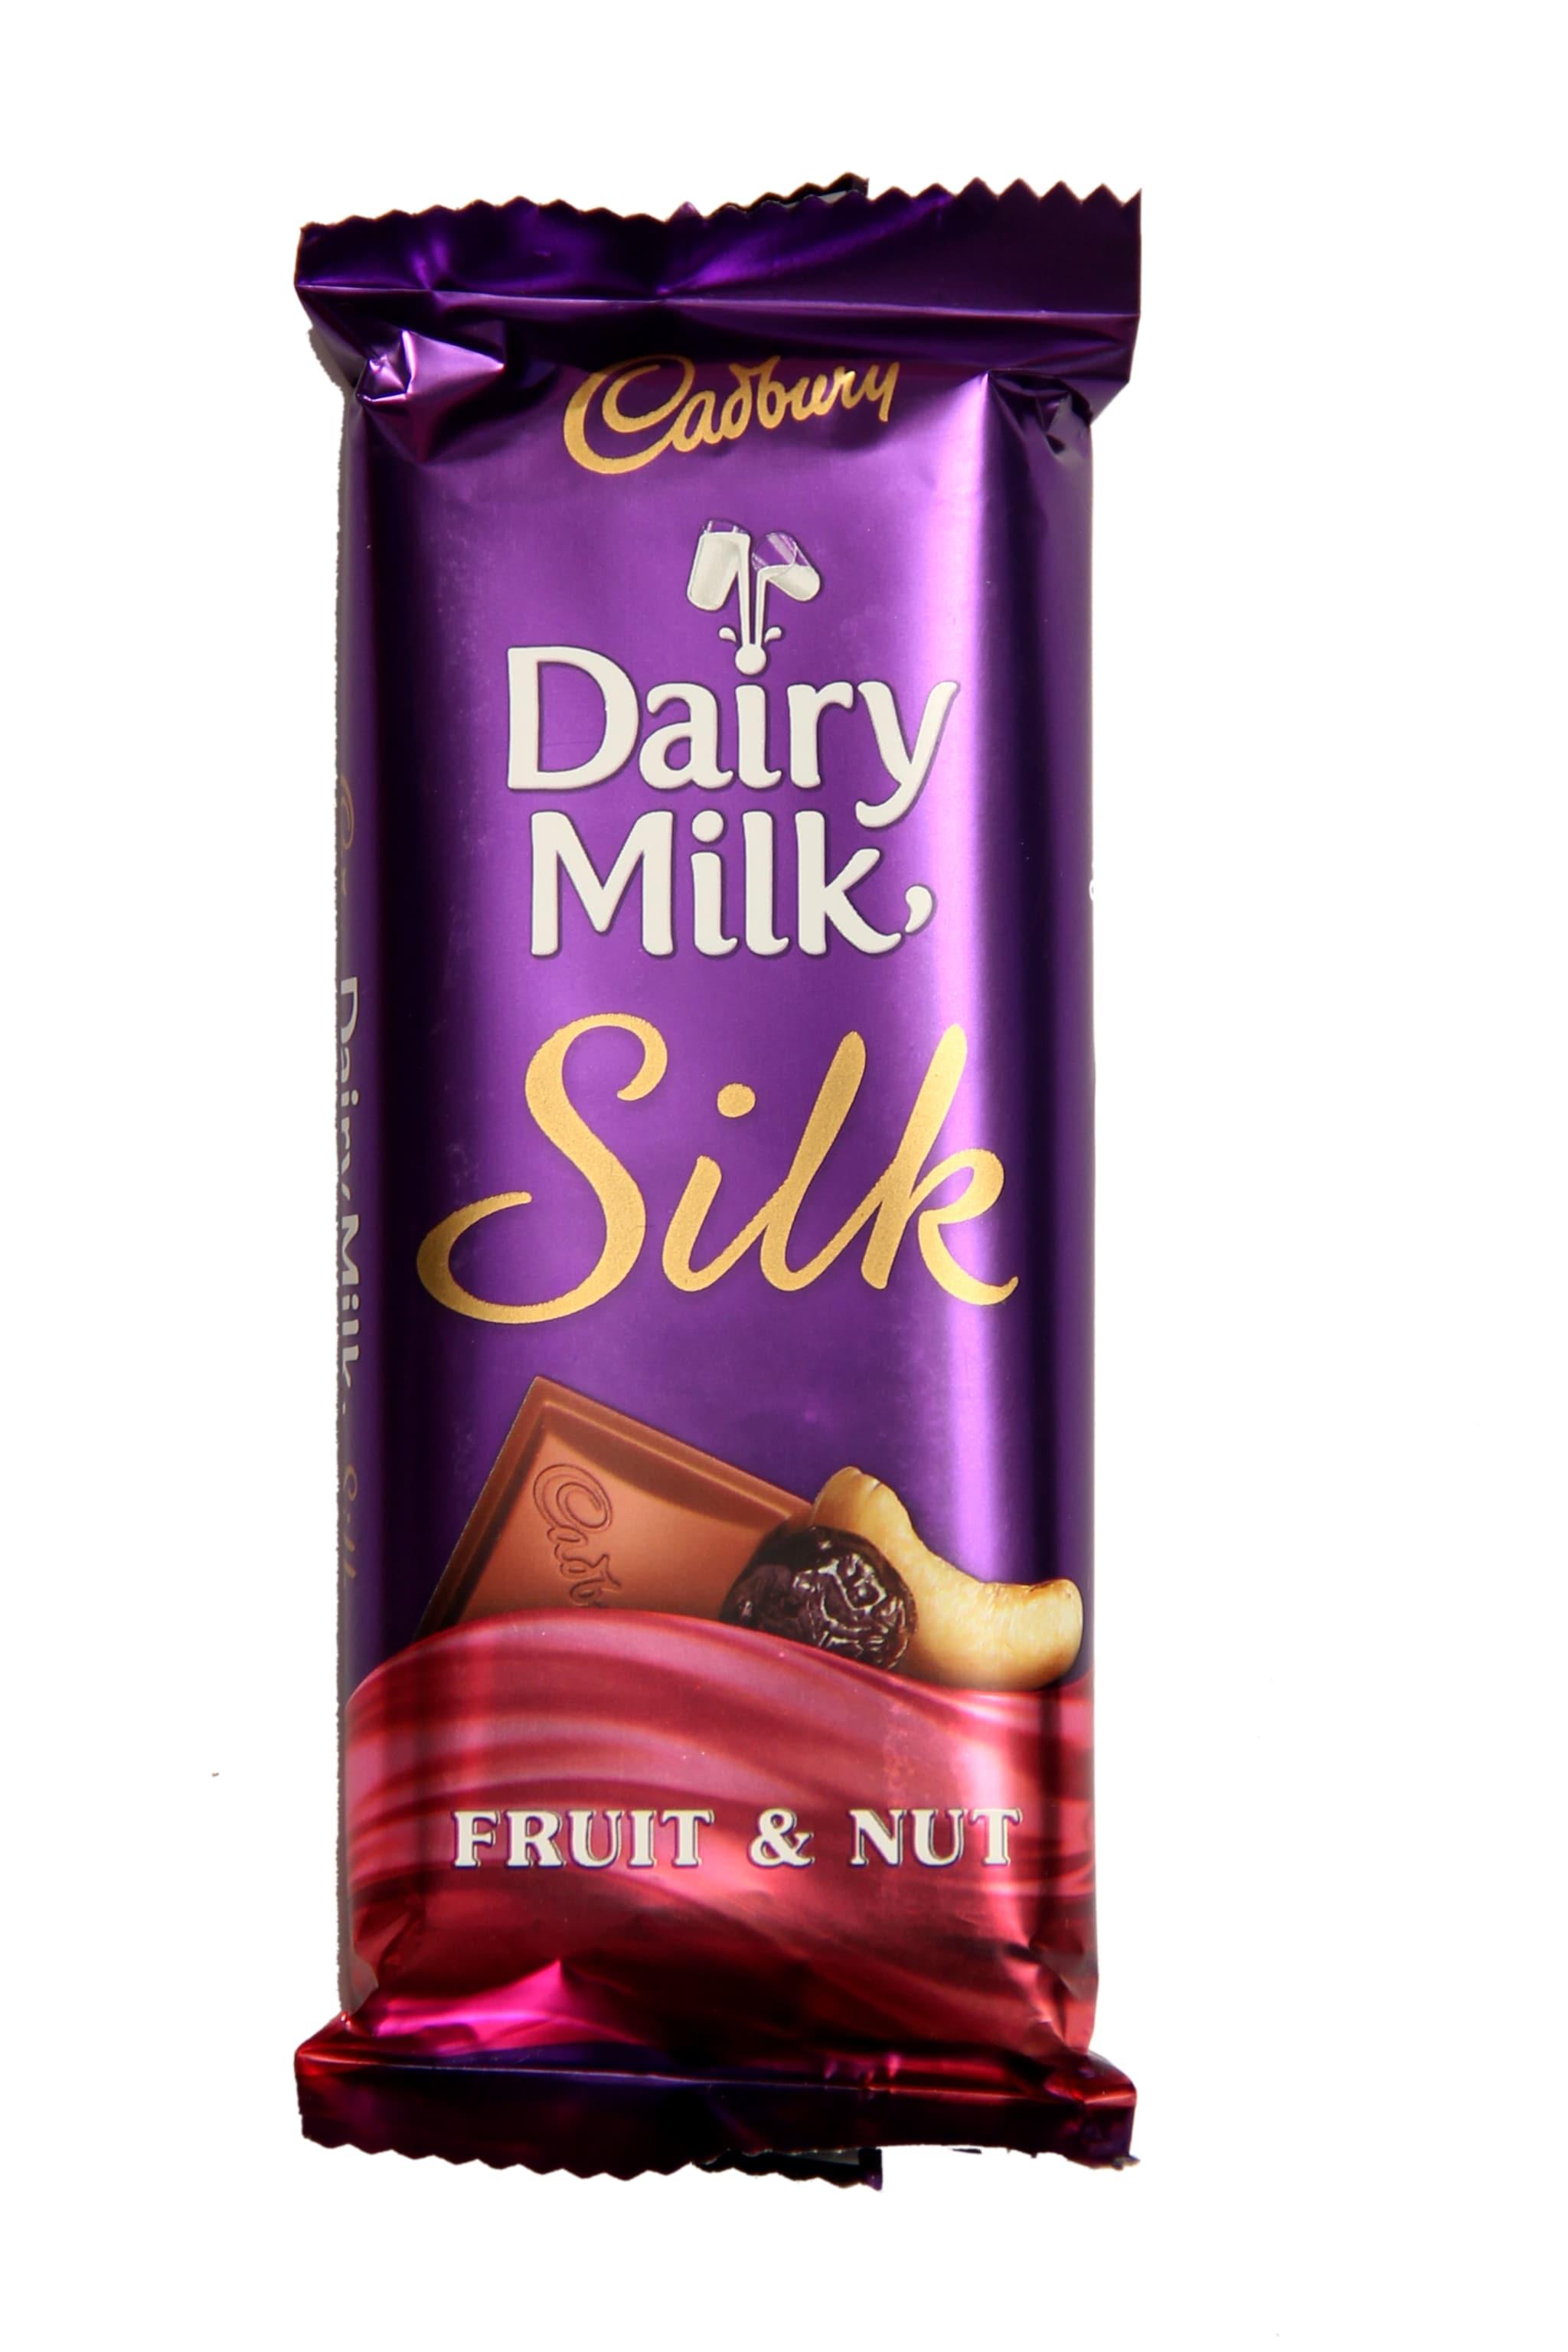 Cadbury Dairy Milk Silk Fruit & Nut Chocolate - 80 Gm